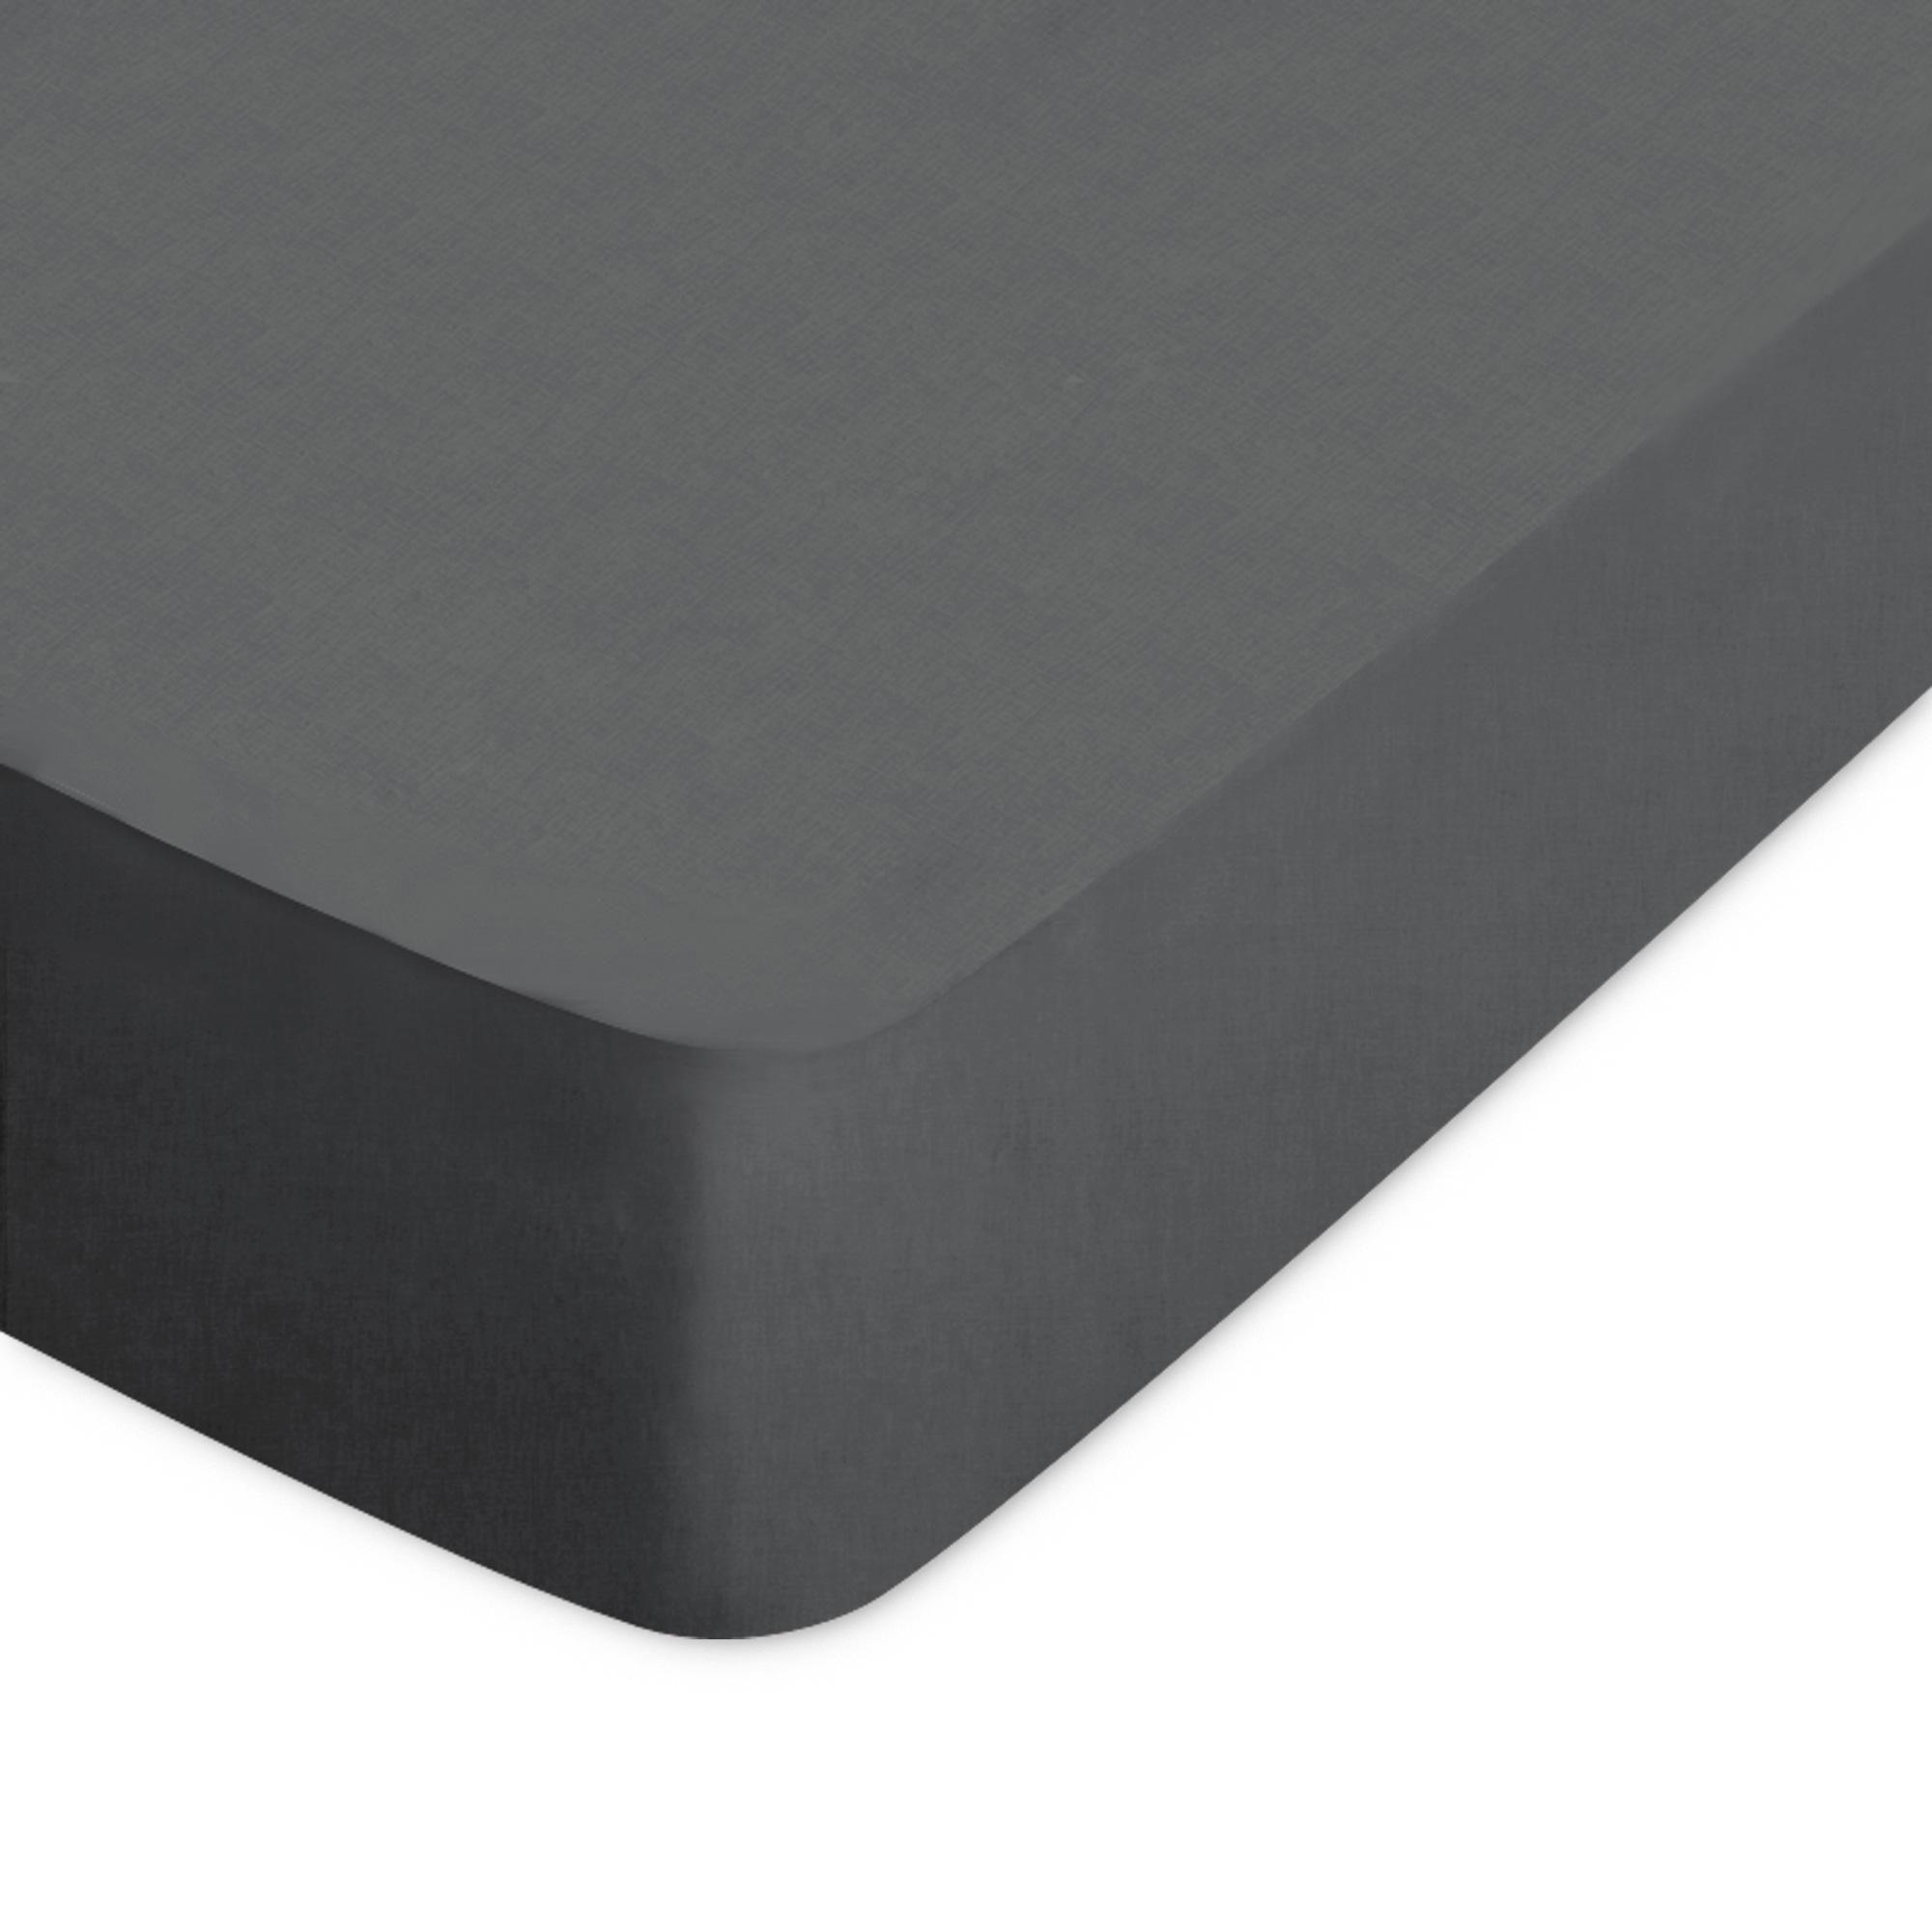 drap housse coton 160x200 manhattan achat vente drap housse les soldes sur cdiscount. Black Bedroom Furniture Sets. Home Design Ideas